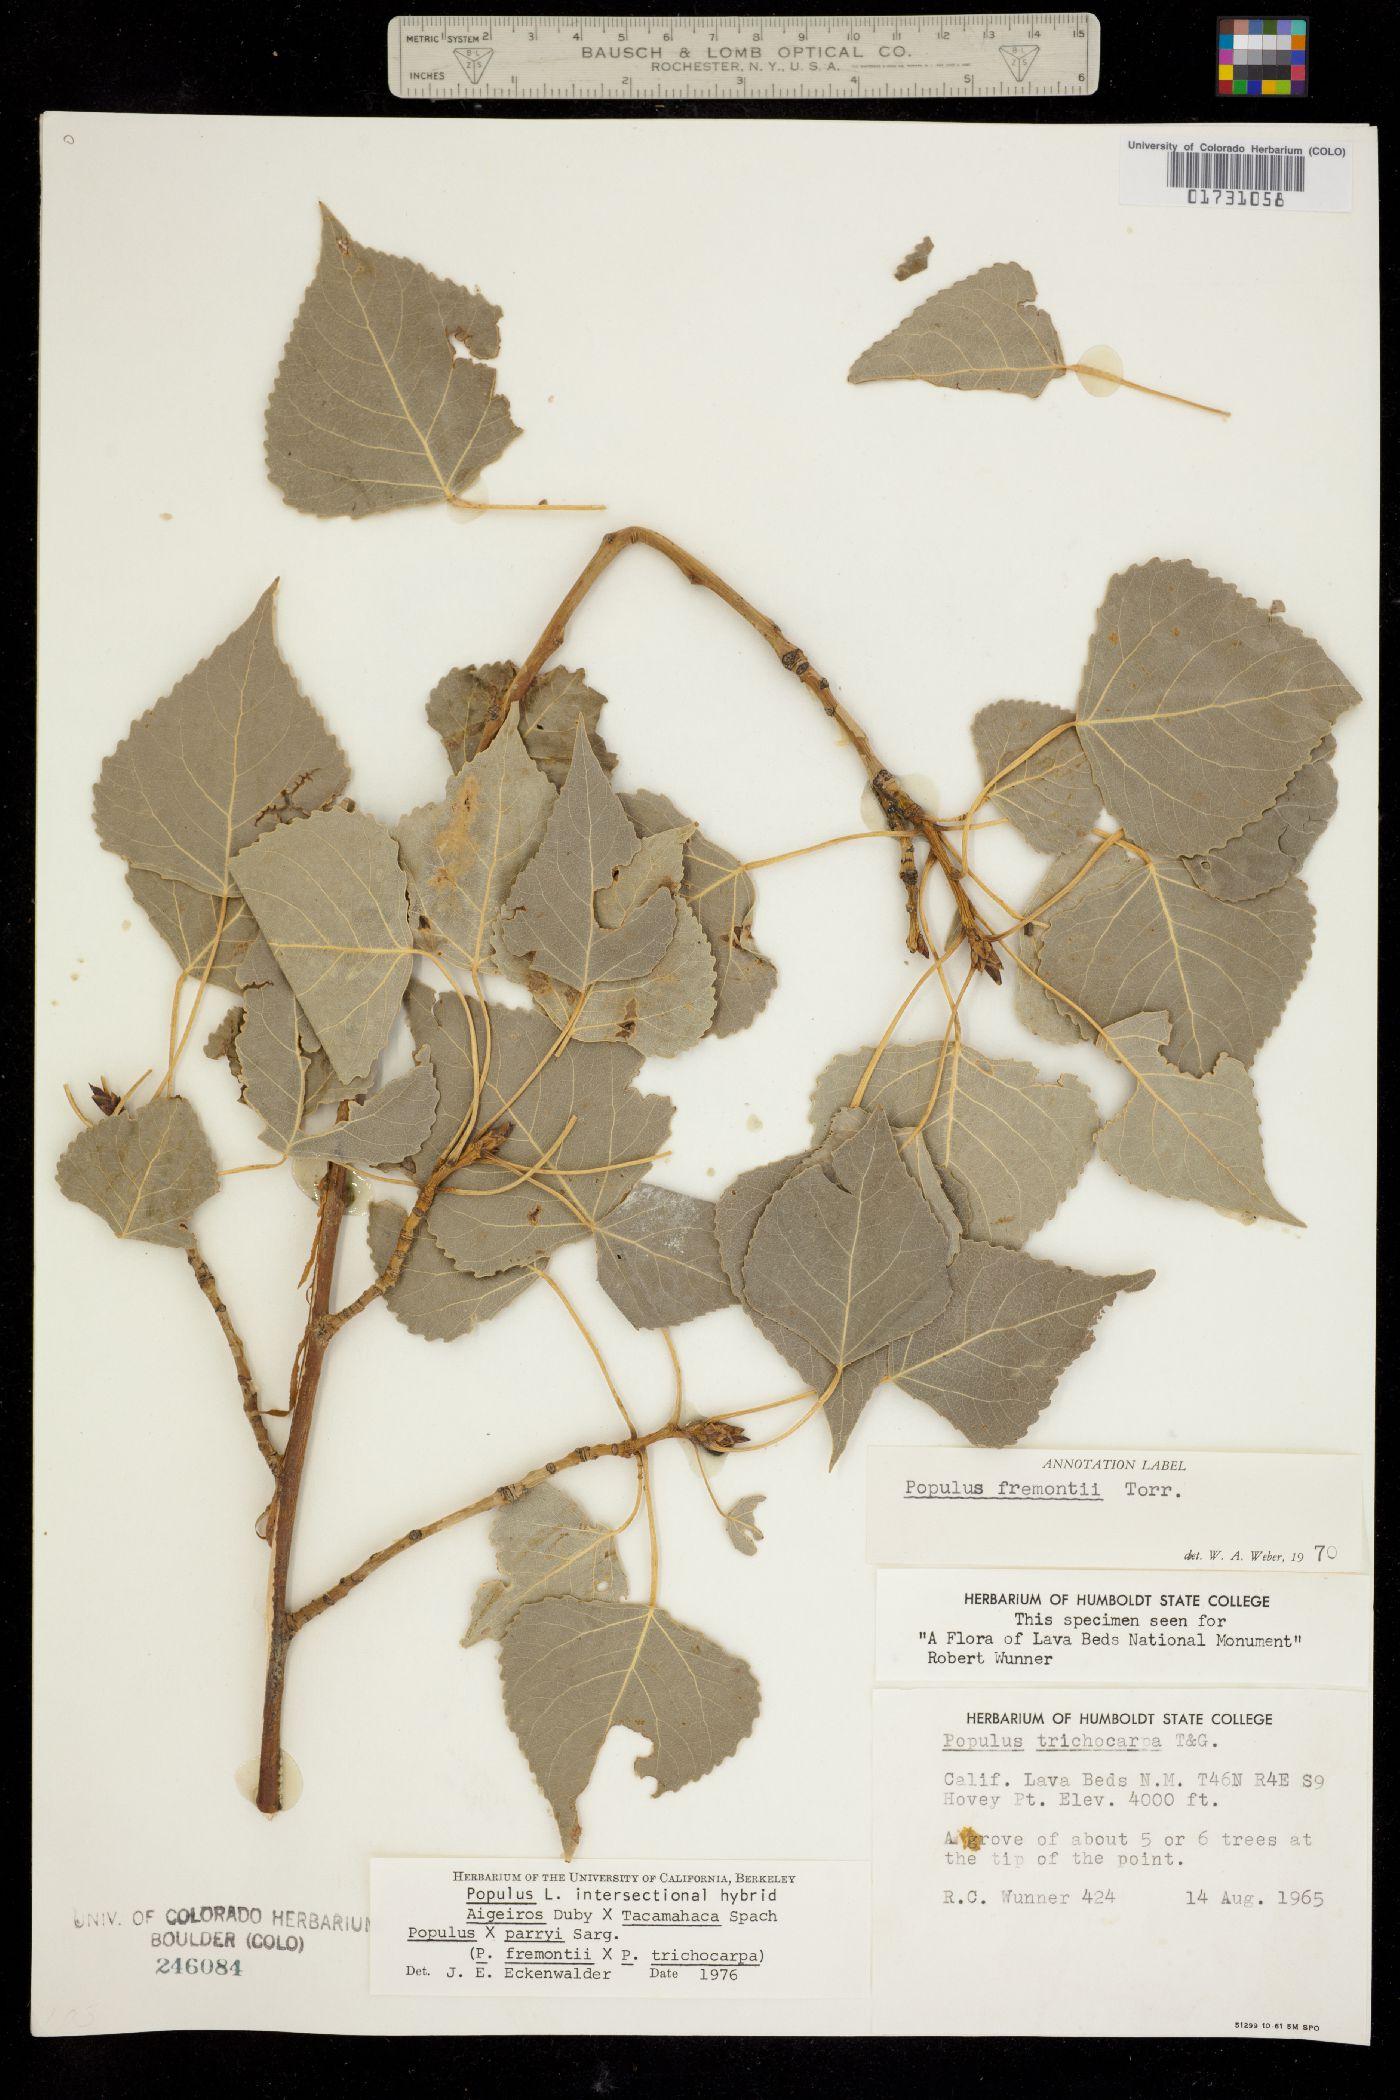 Populus X parryi image